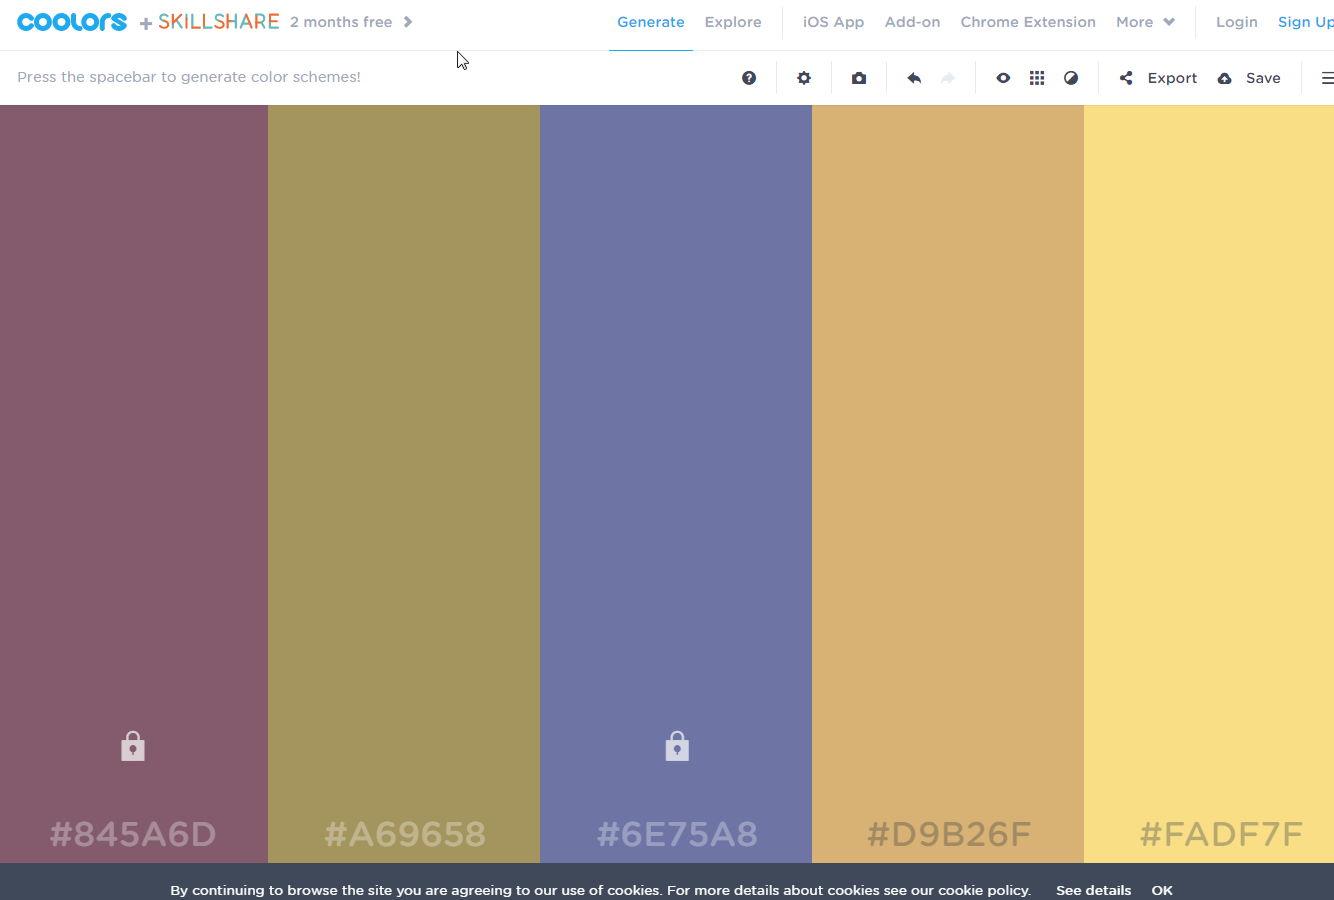 【线上配色表】设计师Coolors 线上配色表工具,CMYK色票配色表